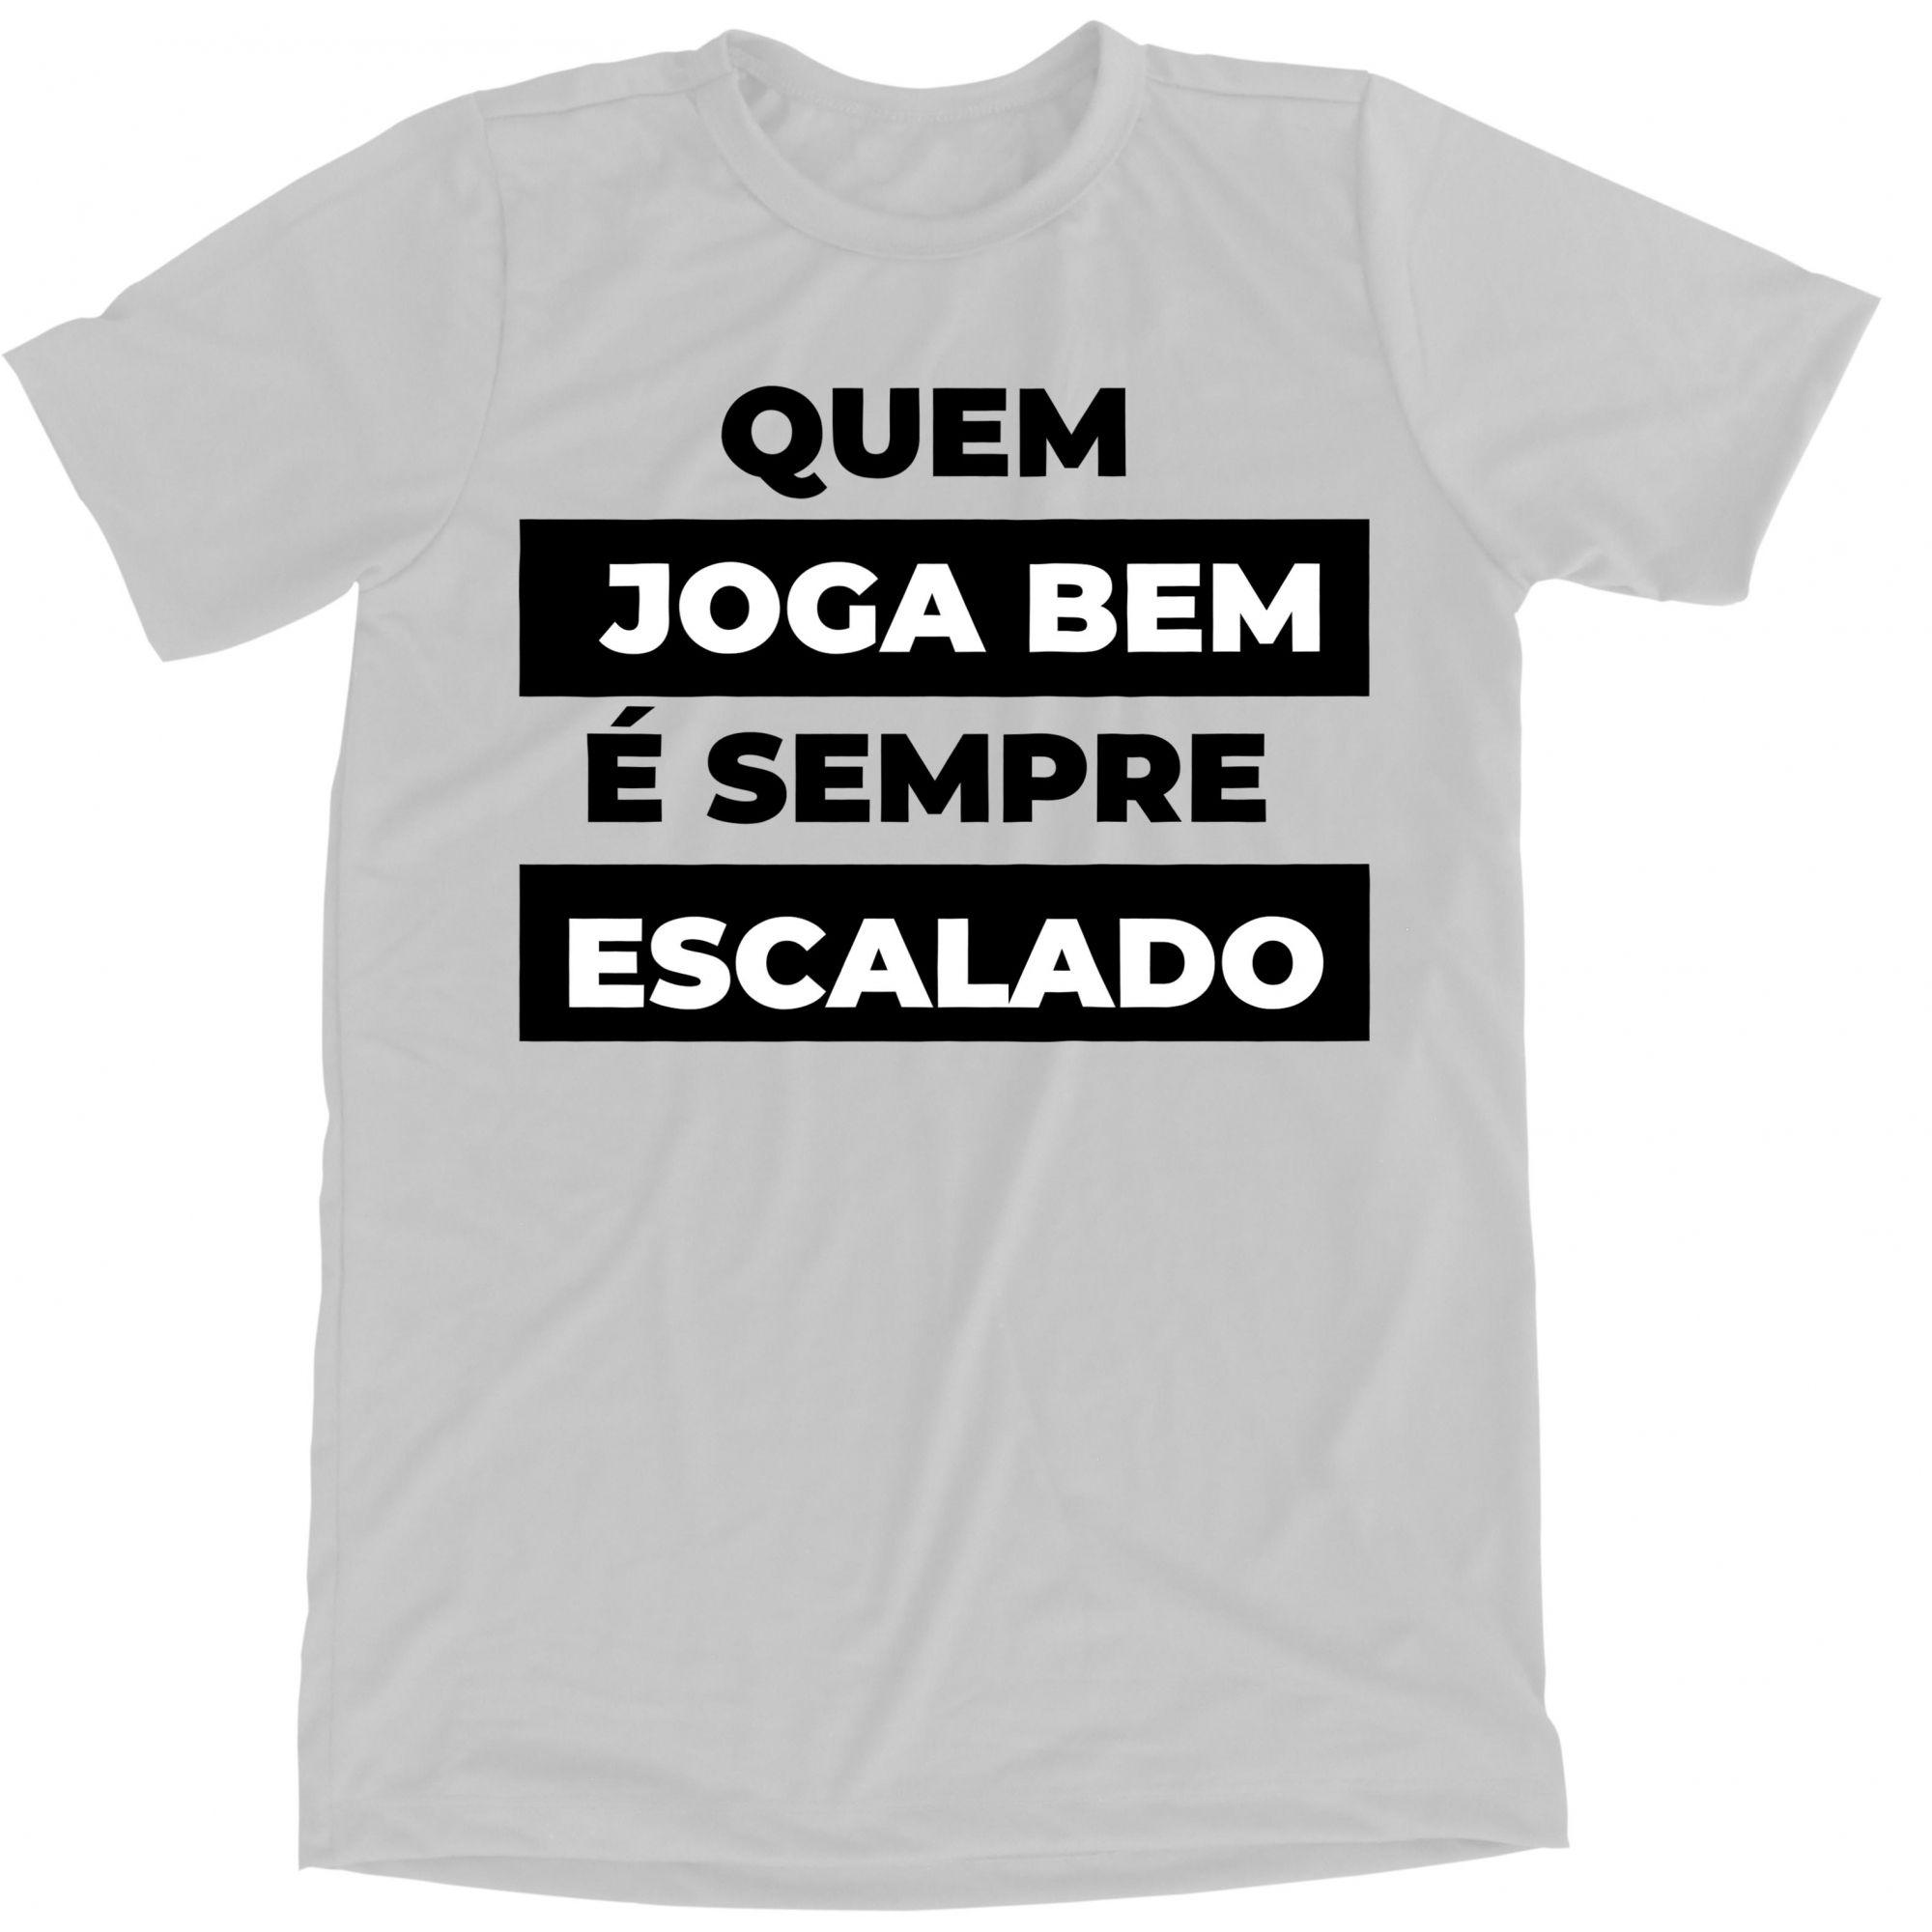 Camiseta - Quem joga bem, sempre é escalado